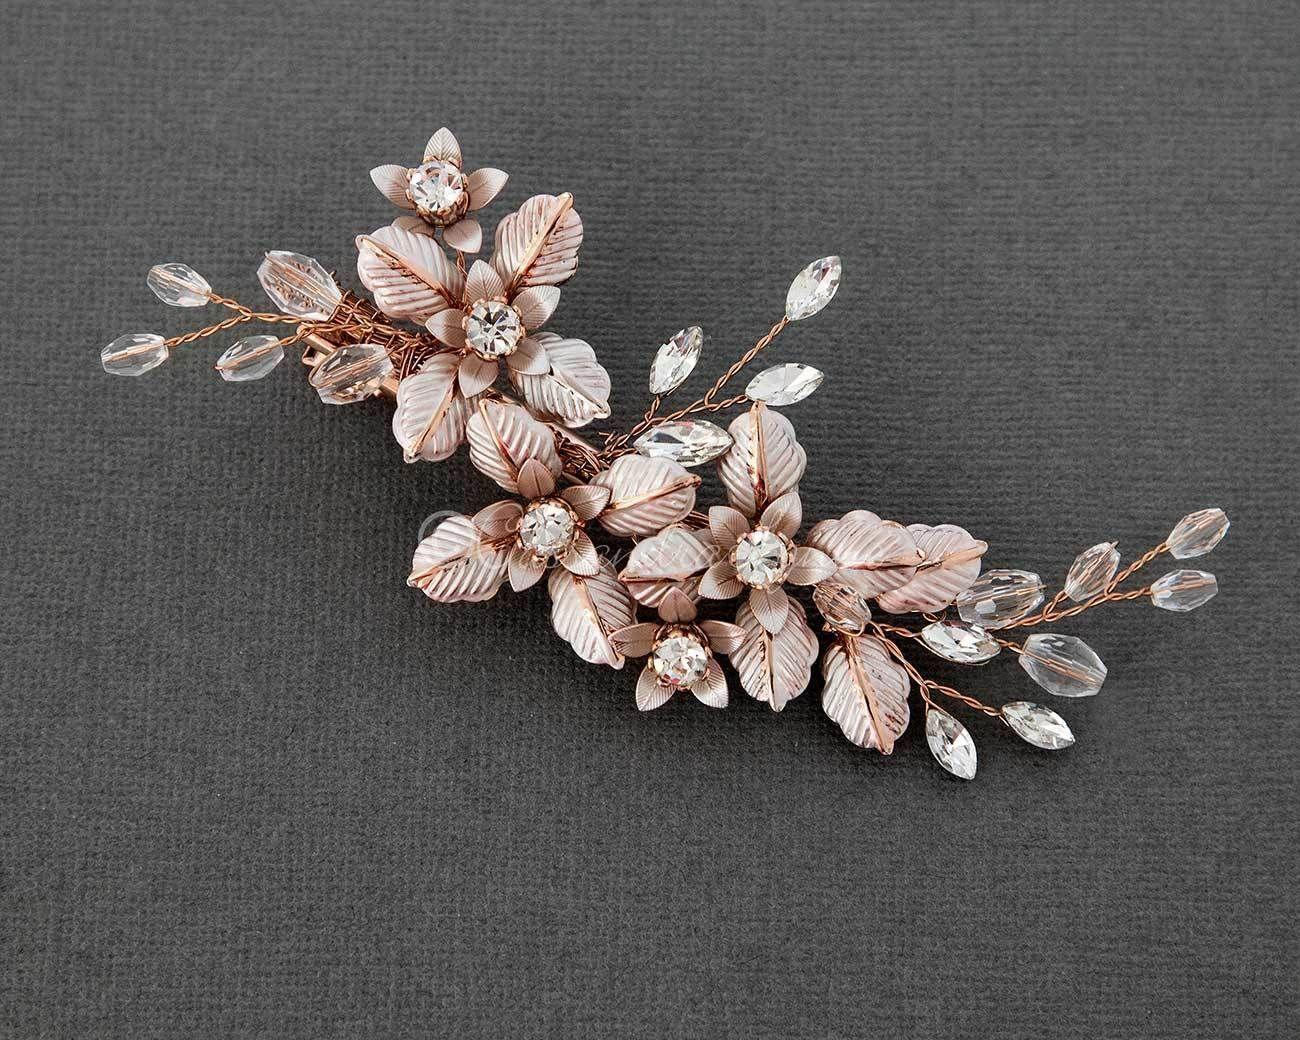 Petite Crystal Bridal Hair Clip of Brushed Metal Flowers #bridalhairflowers